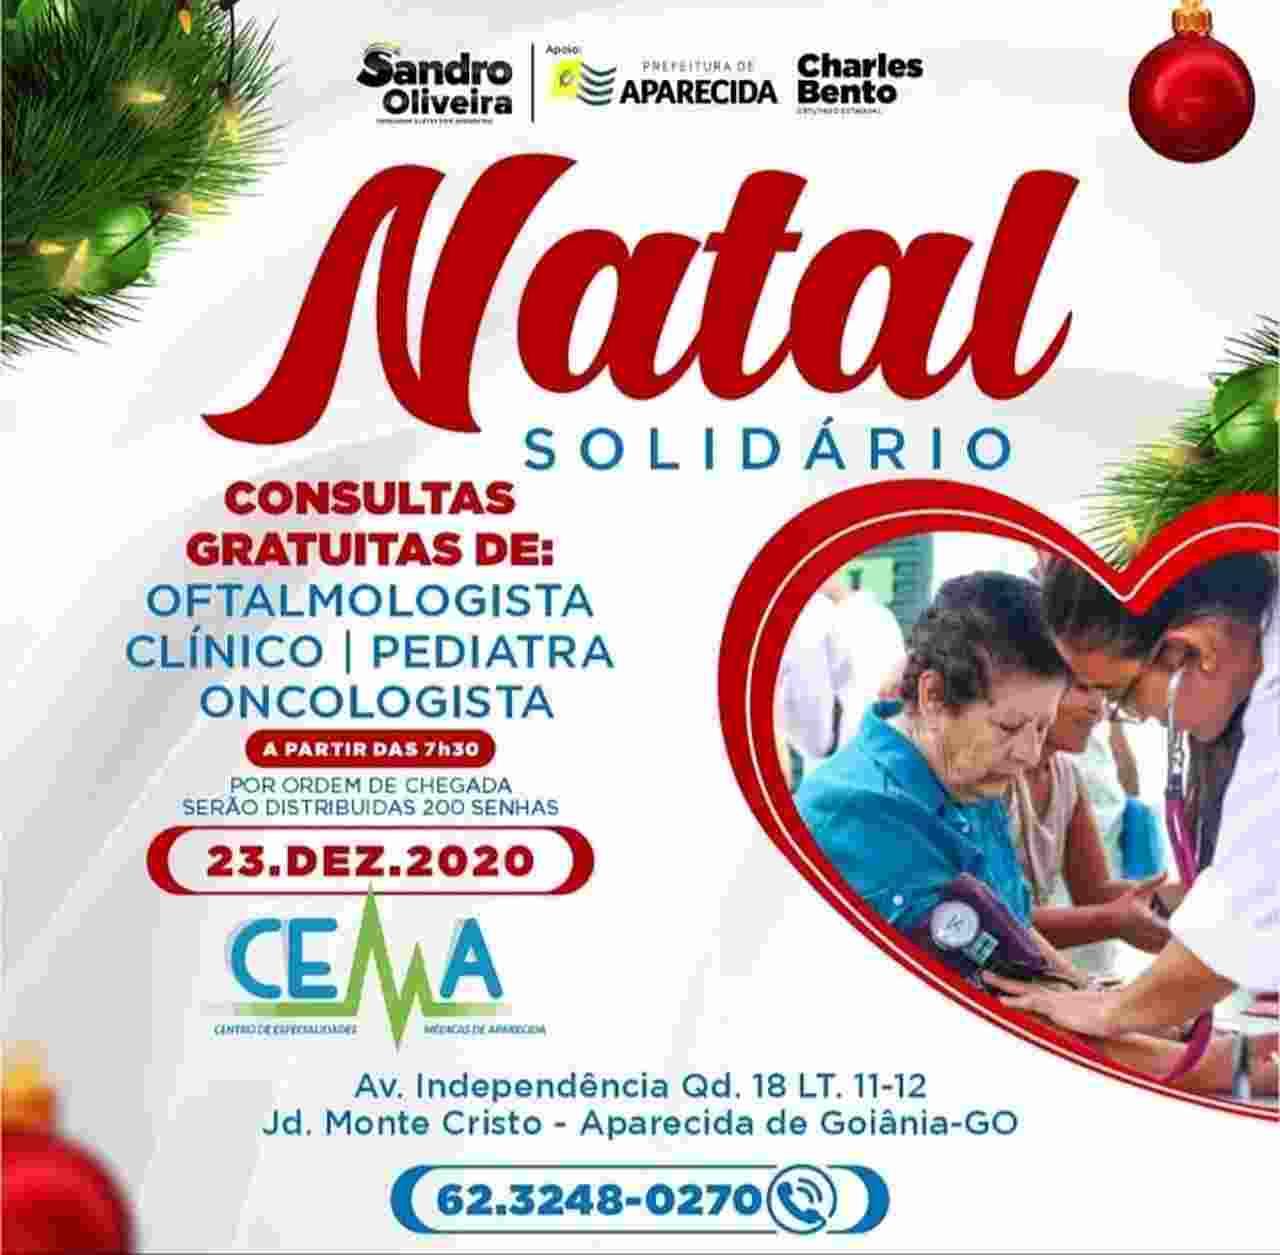 natal solidário consultas grátis Aparecida